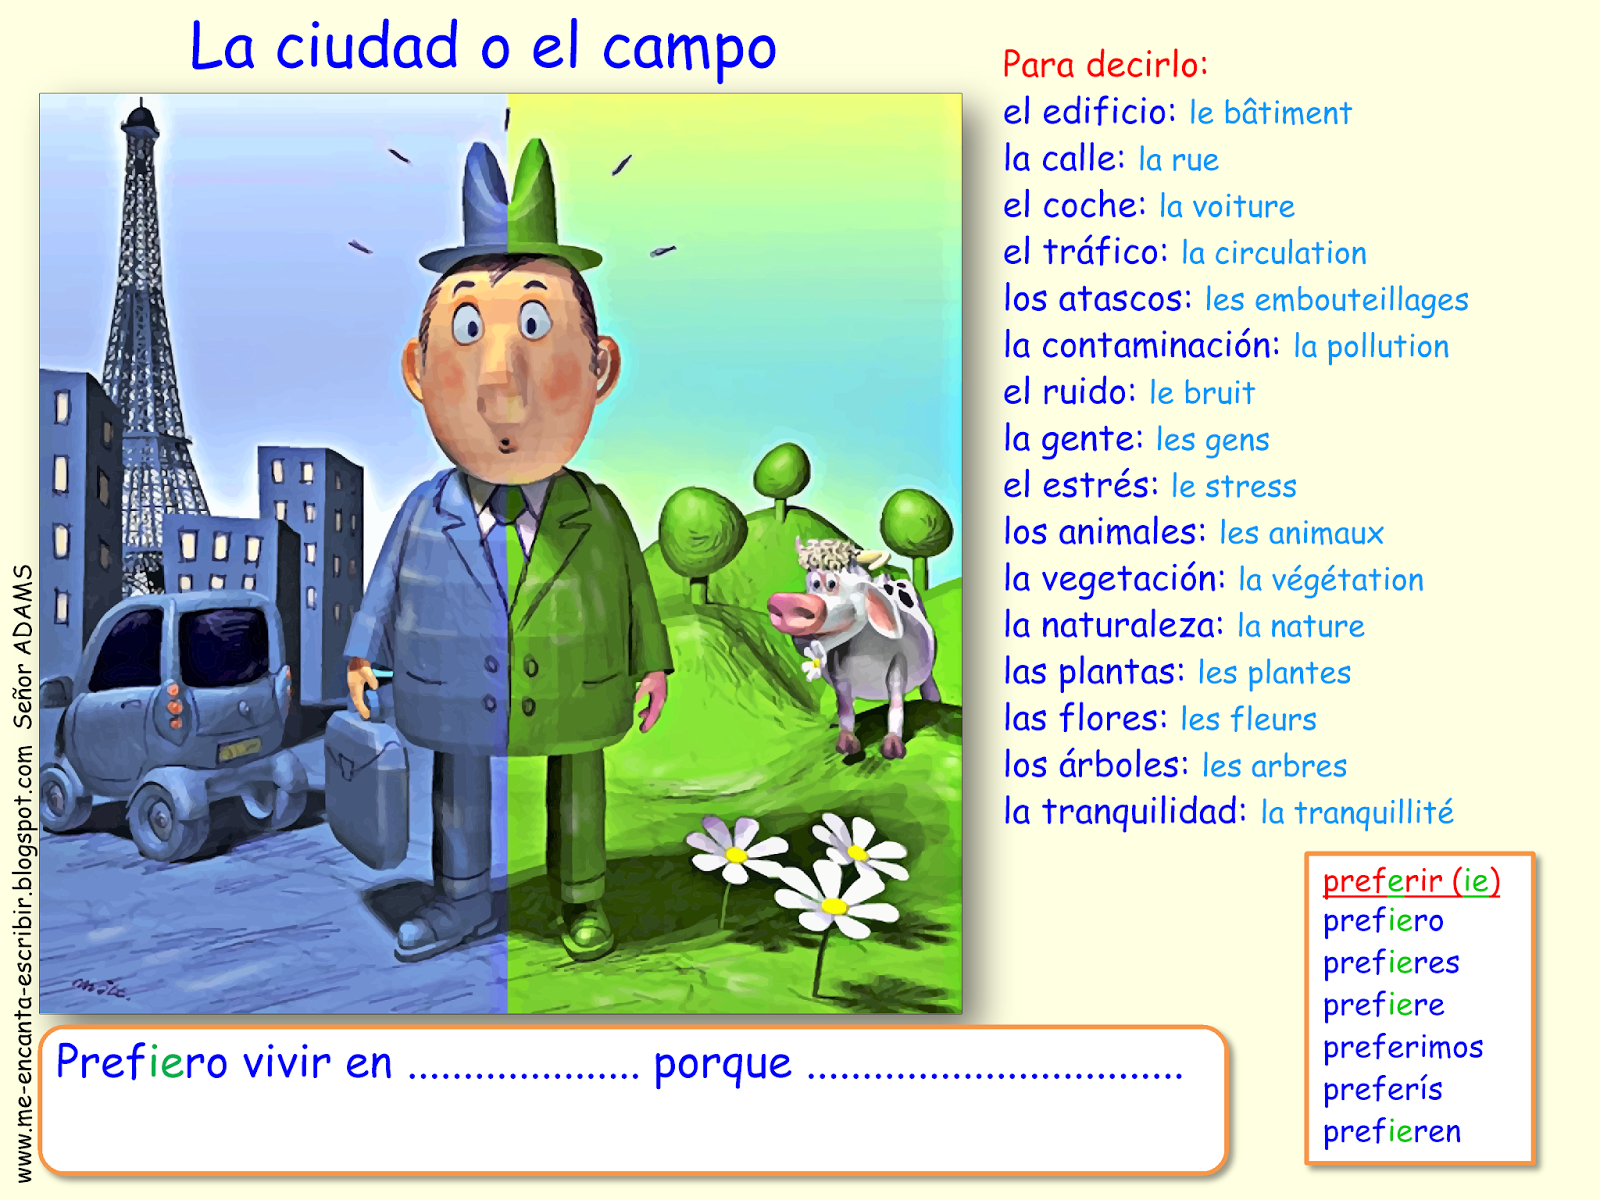 Me encanta escribir en español: ¿Qué prefieres? ¿La ciudad o el campo?